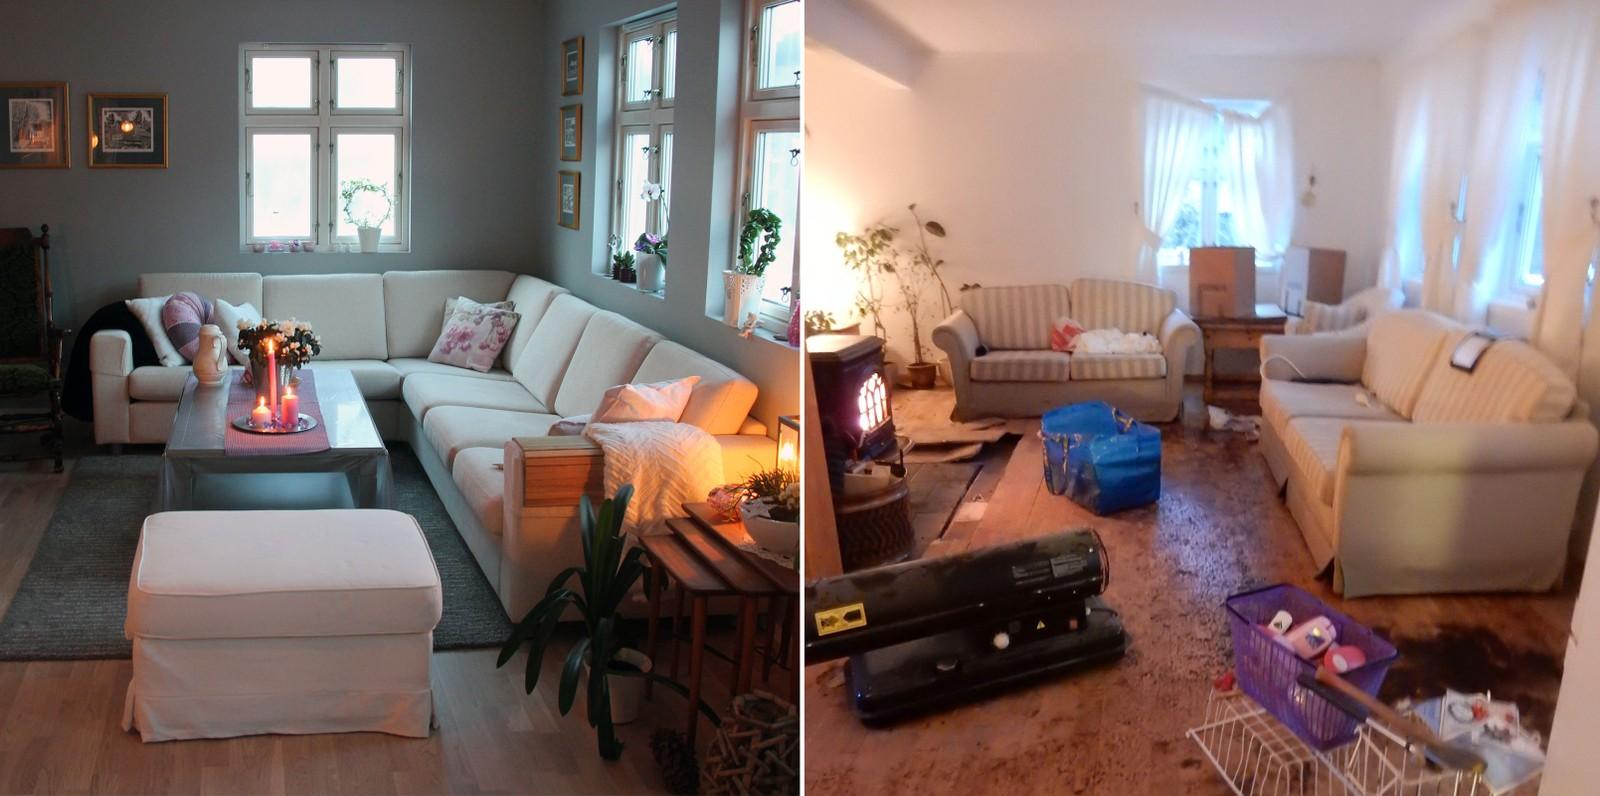 Vannet sto opp til vinduet i stua. Bilde til venstre viser dagens stue. Bildet til høyre er tatt etter at elva gikk tilbake.  Fotomontasje.